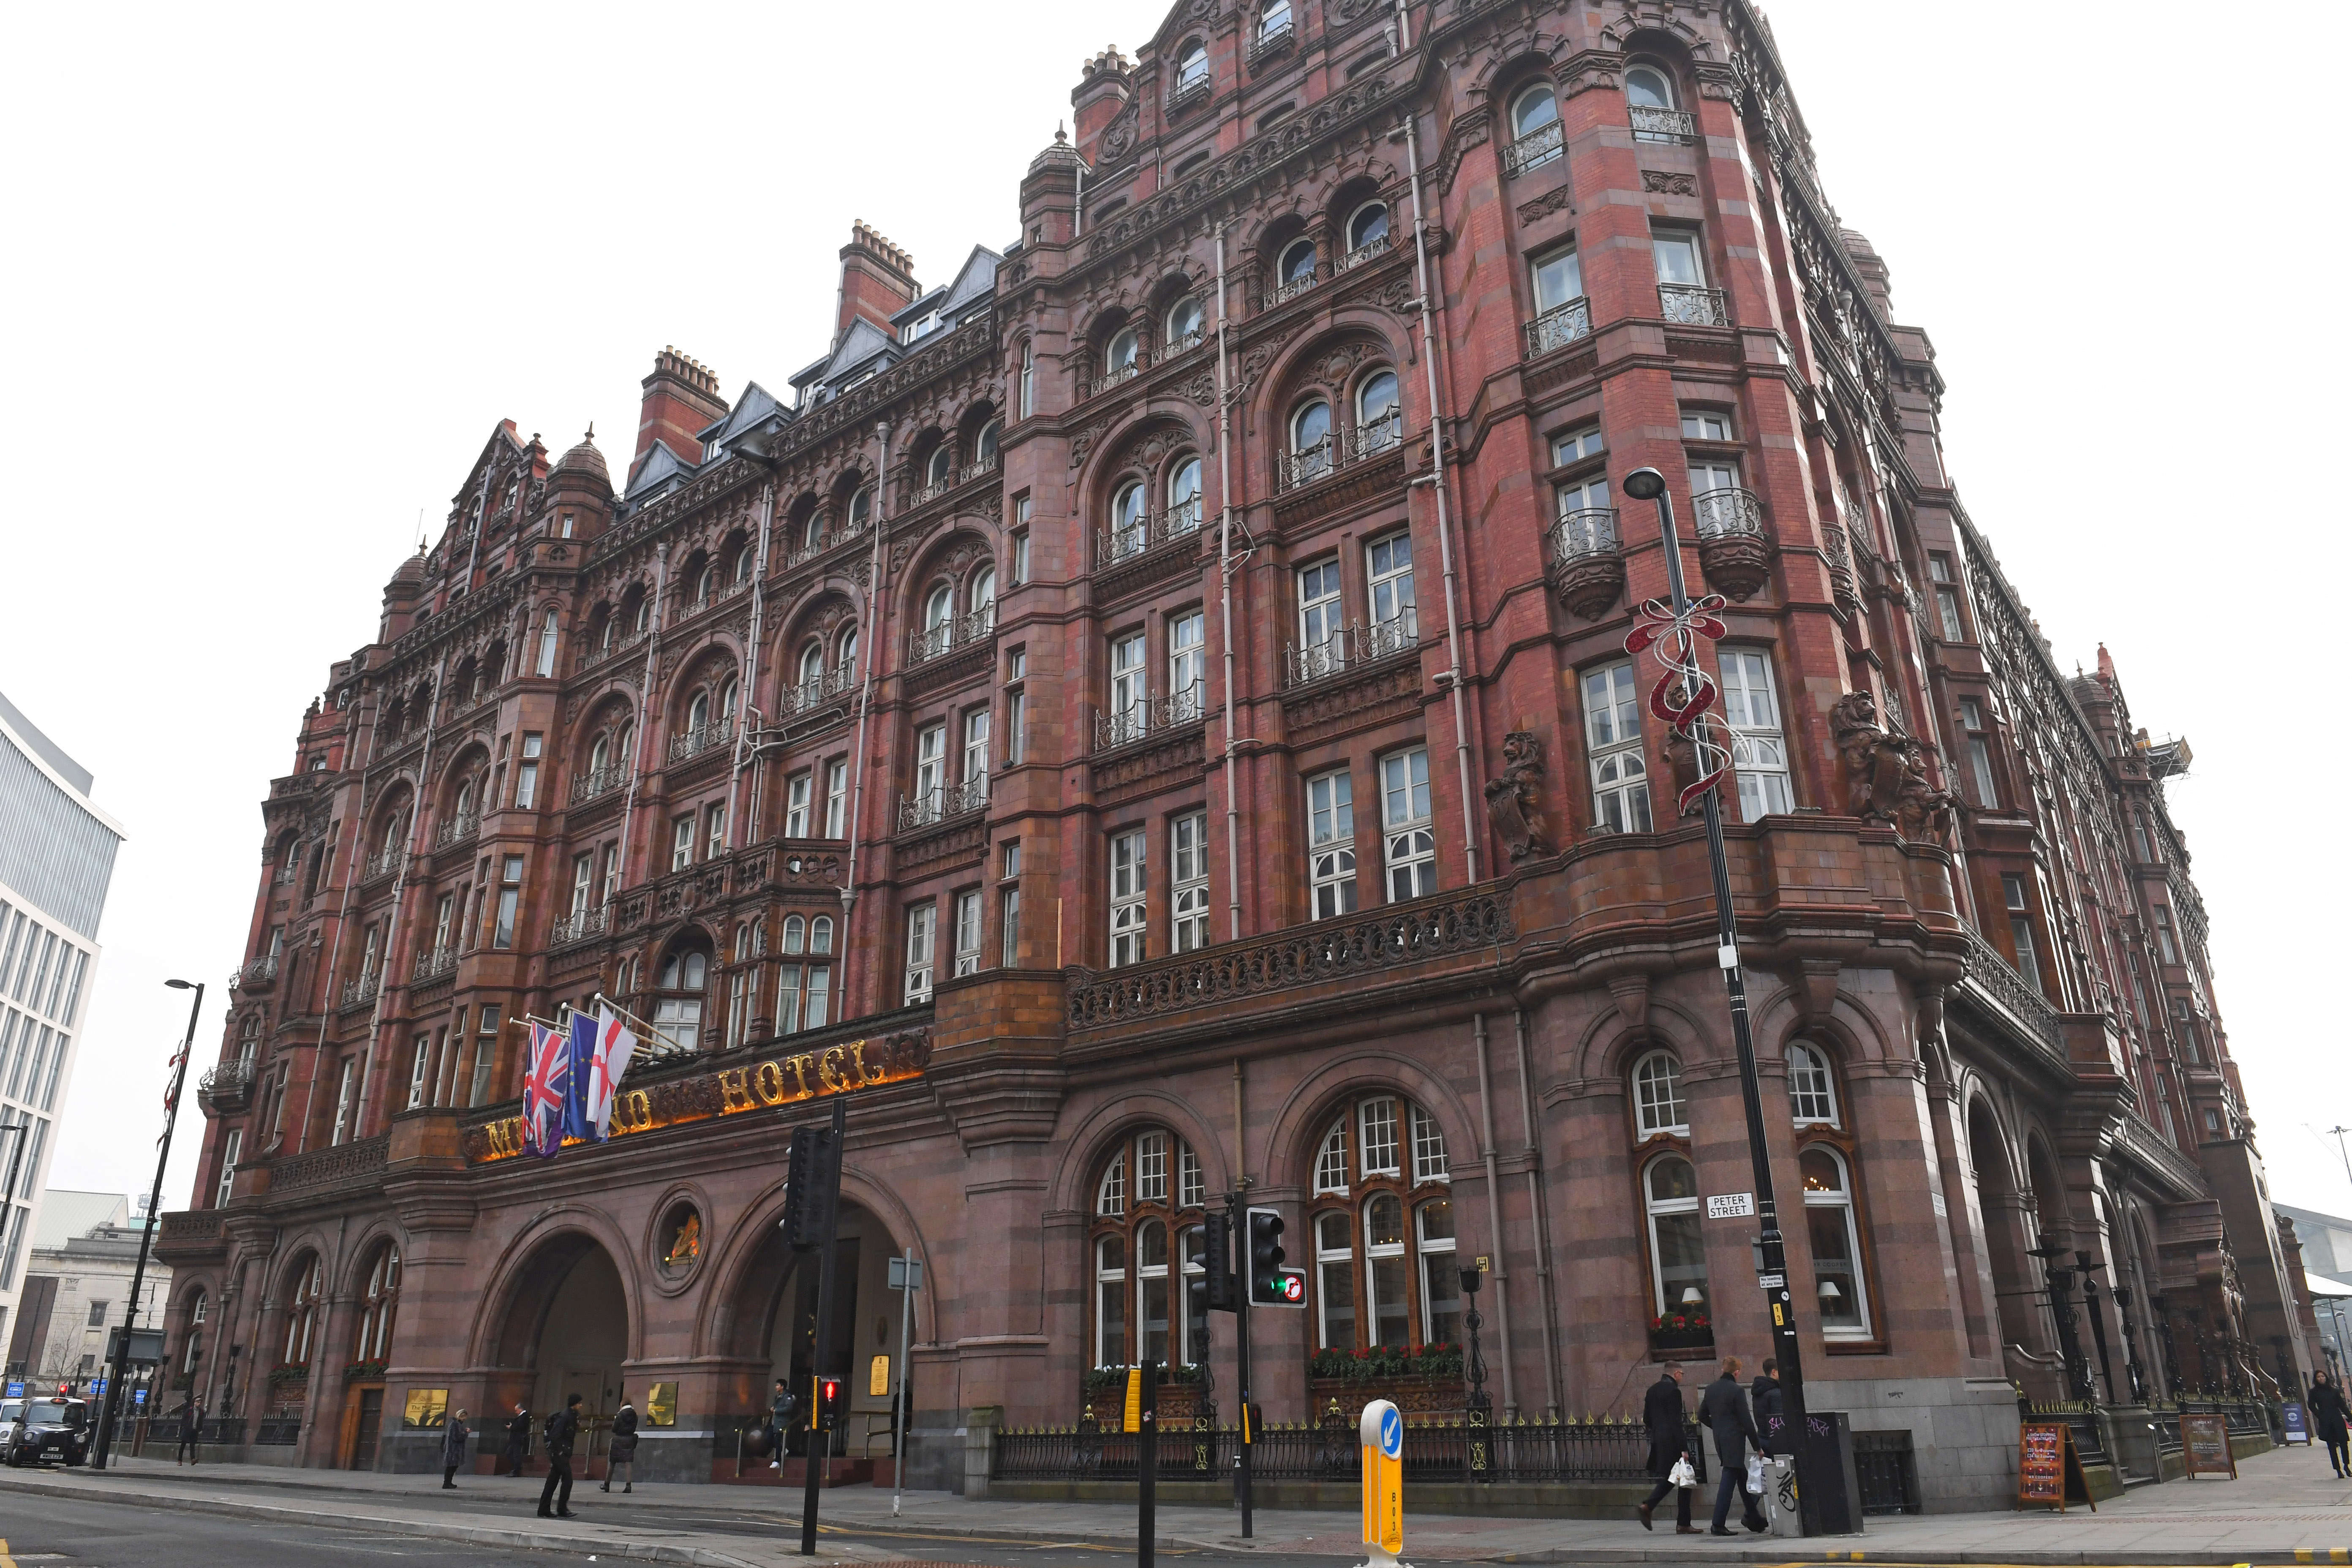 Midlands Hotel, Manchester